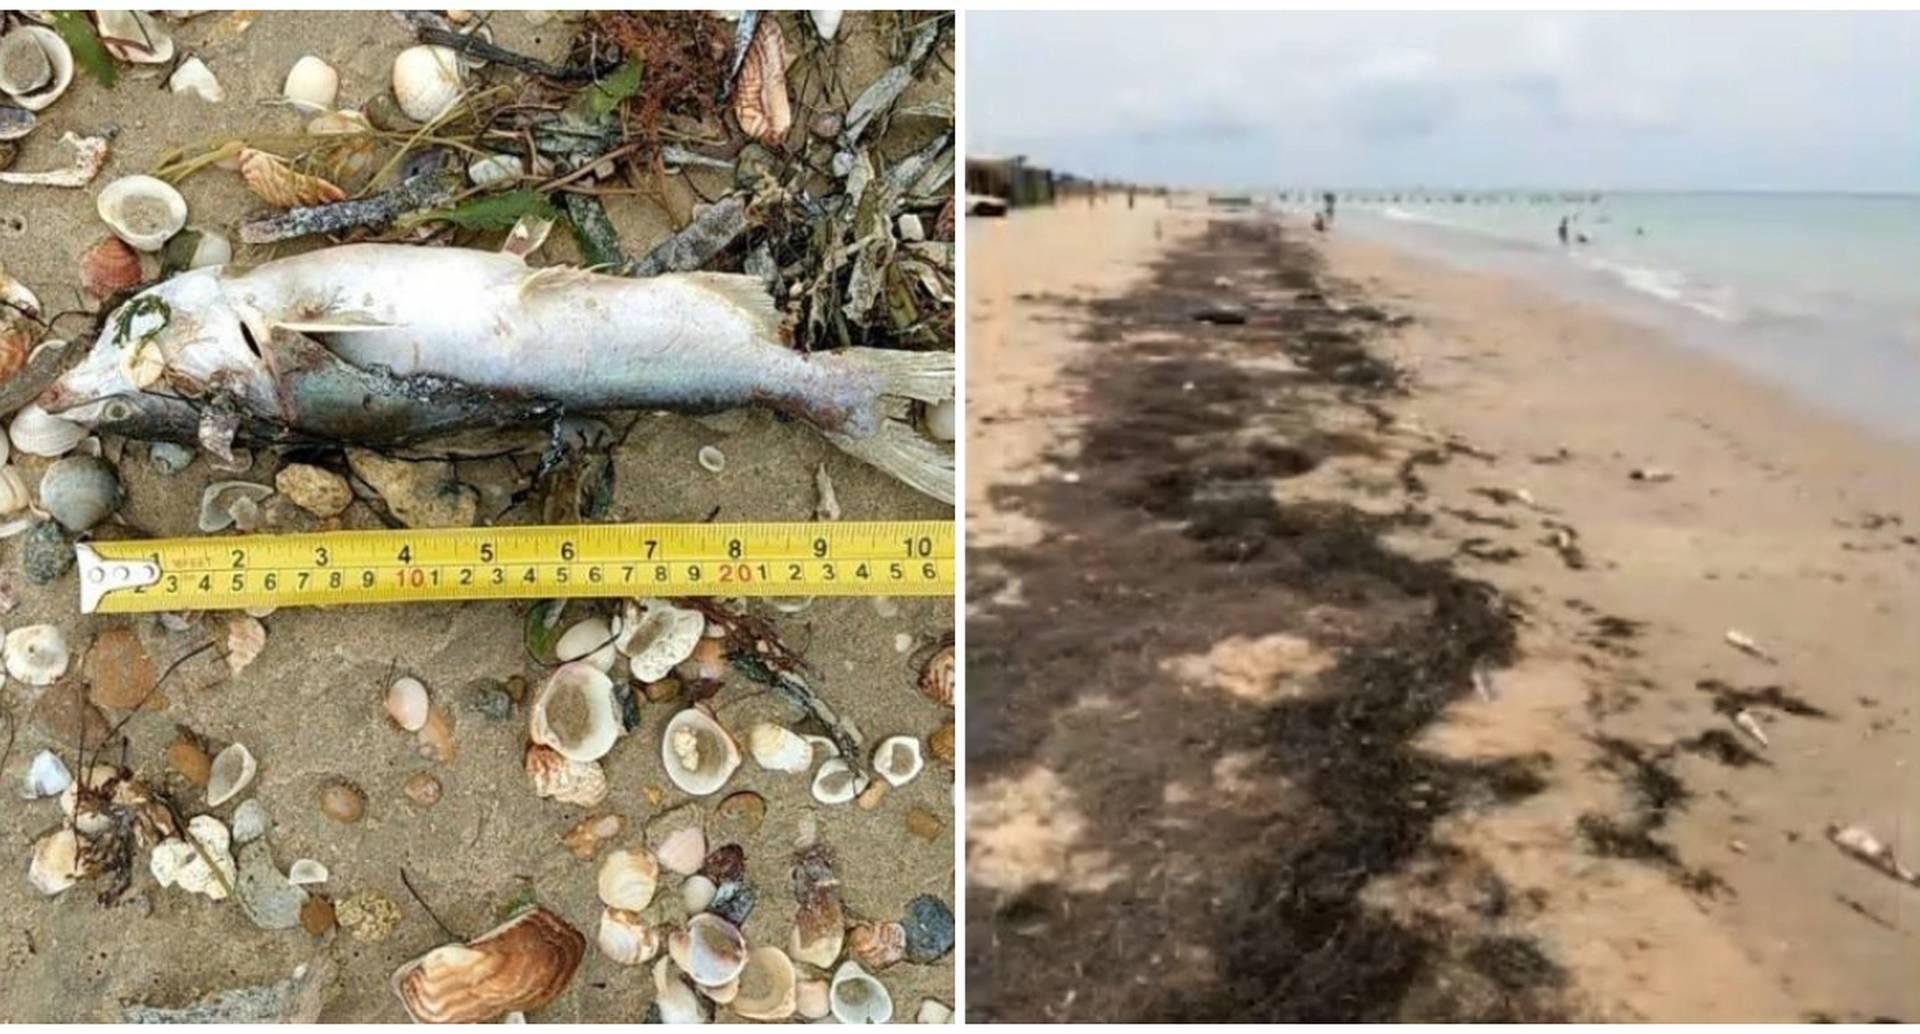 Mortandad de peces en playas de Manaure, La Guajira. Septiembre de 2020.